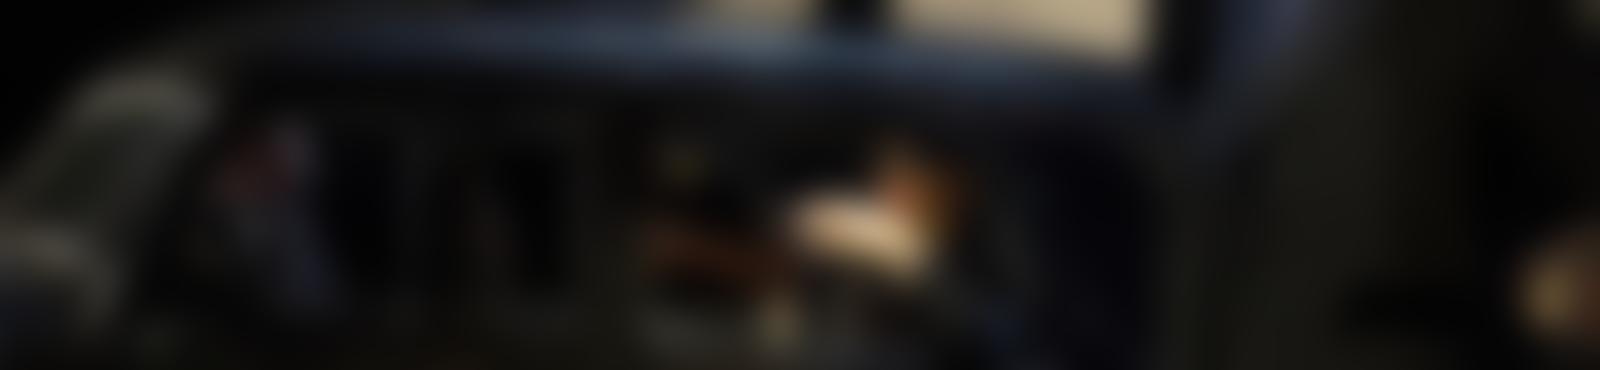 Blurred 6c17d4a3 f9fc 4dfe 8f29 53204b5af8c9